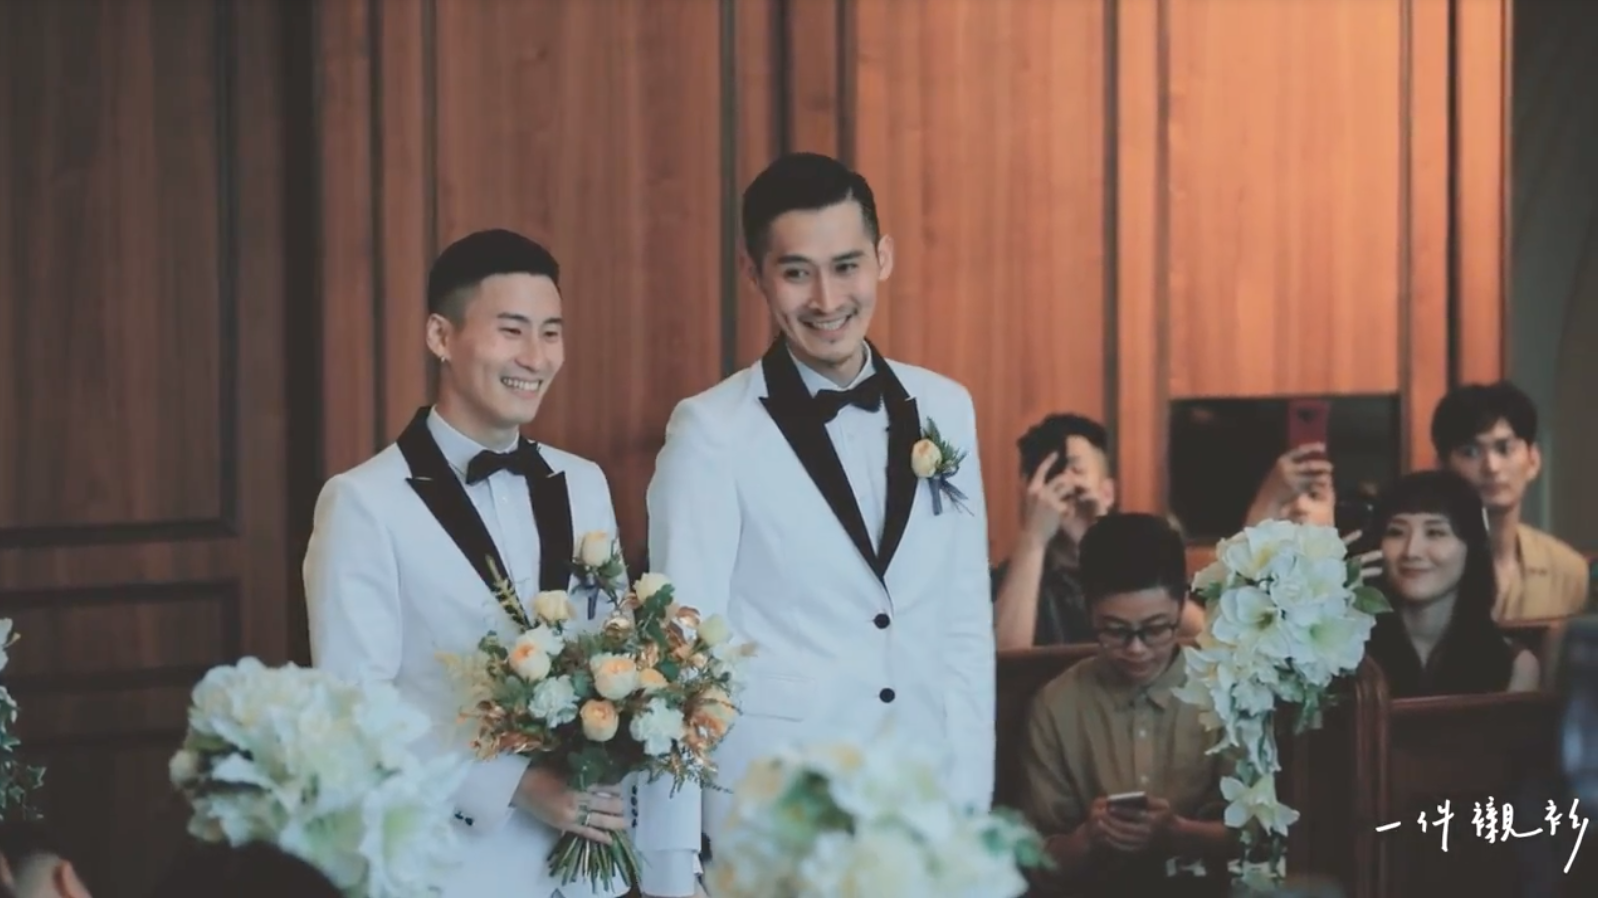 等了12年...台灣第一對合法結婚的「男生」:在愛面前,我們都一樣